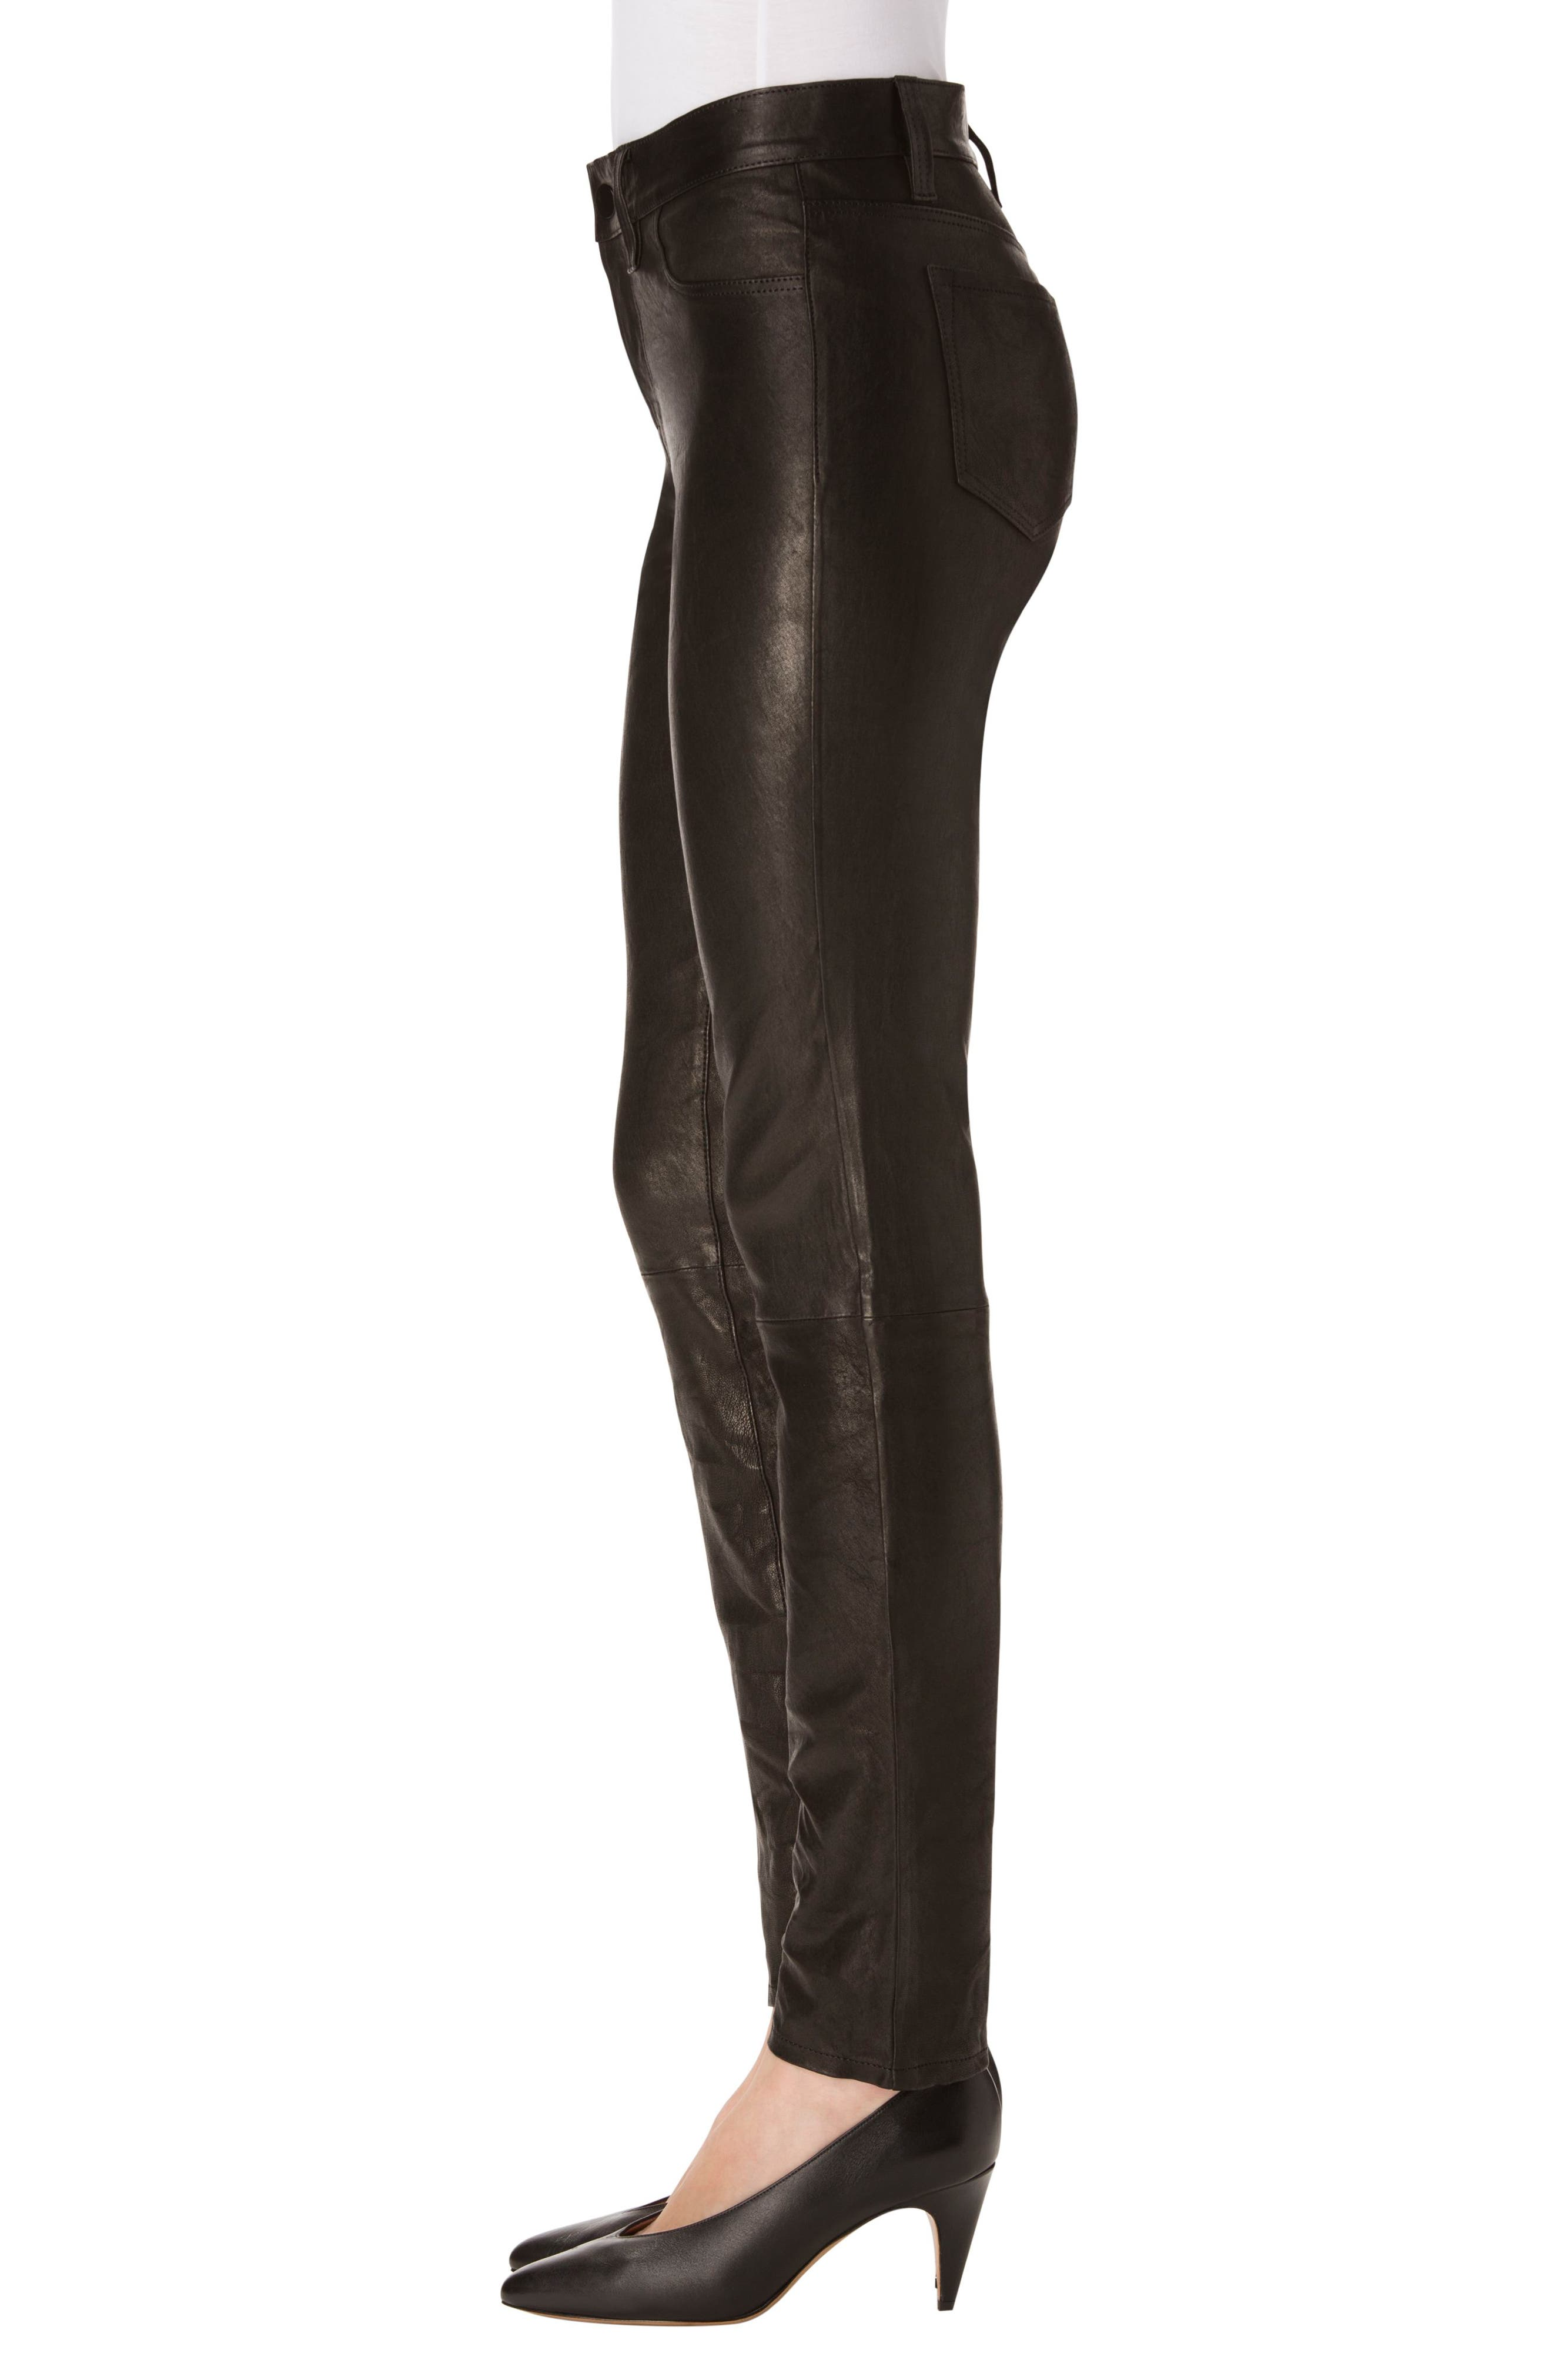 Maude Leather Cigarette Pants,                             Alternate thumbnail 3, color,                             001